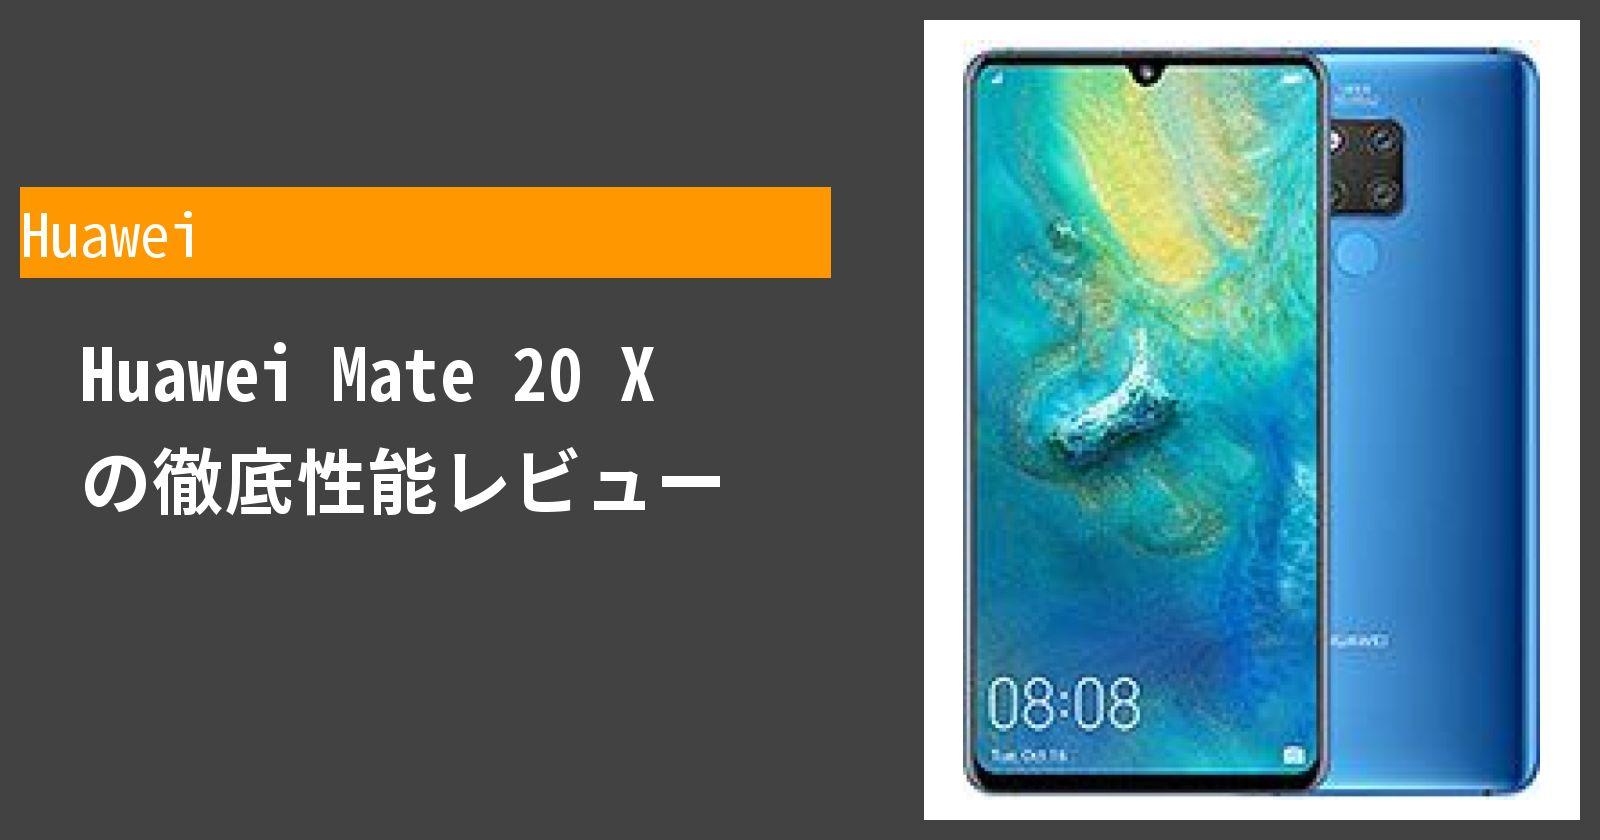 Huawei Mate 20 X の徹底性能レビュー